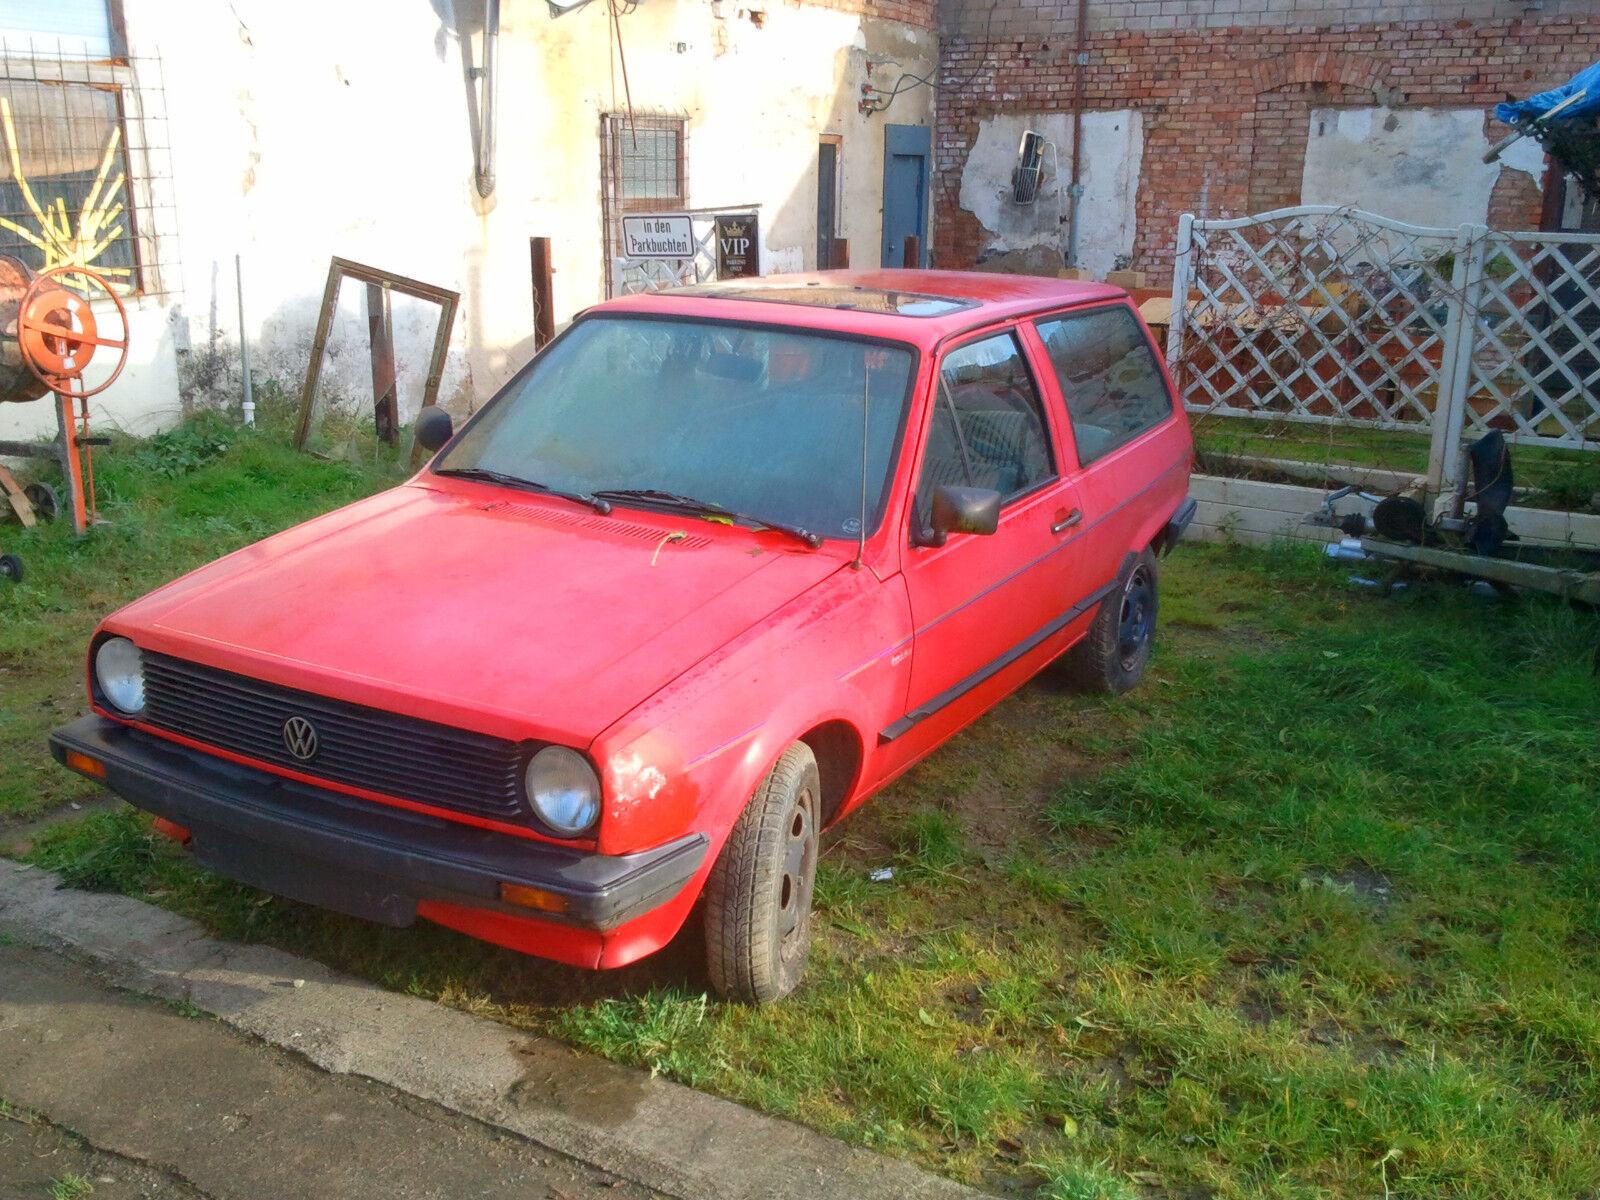 VW Polo aus BJ 1988 ich werde30 jahre